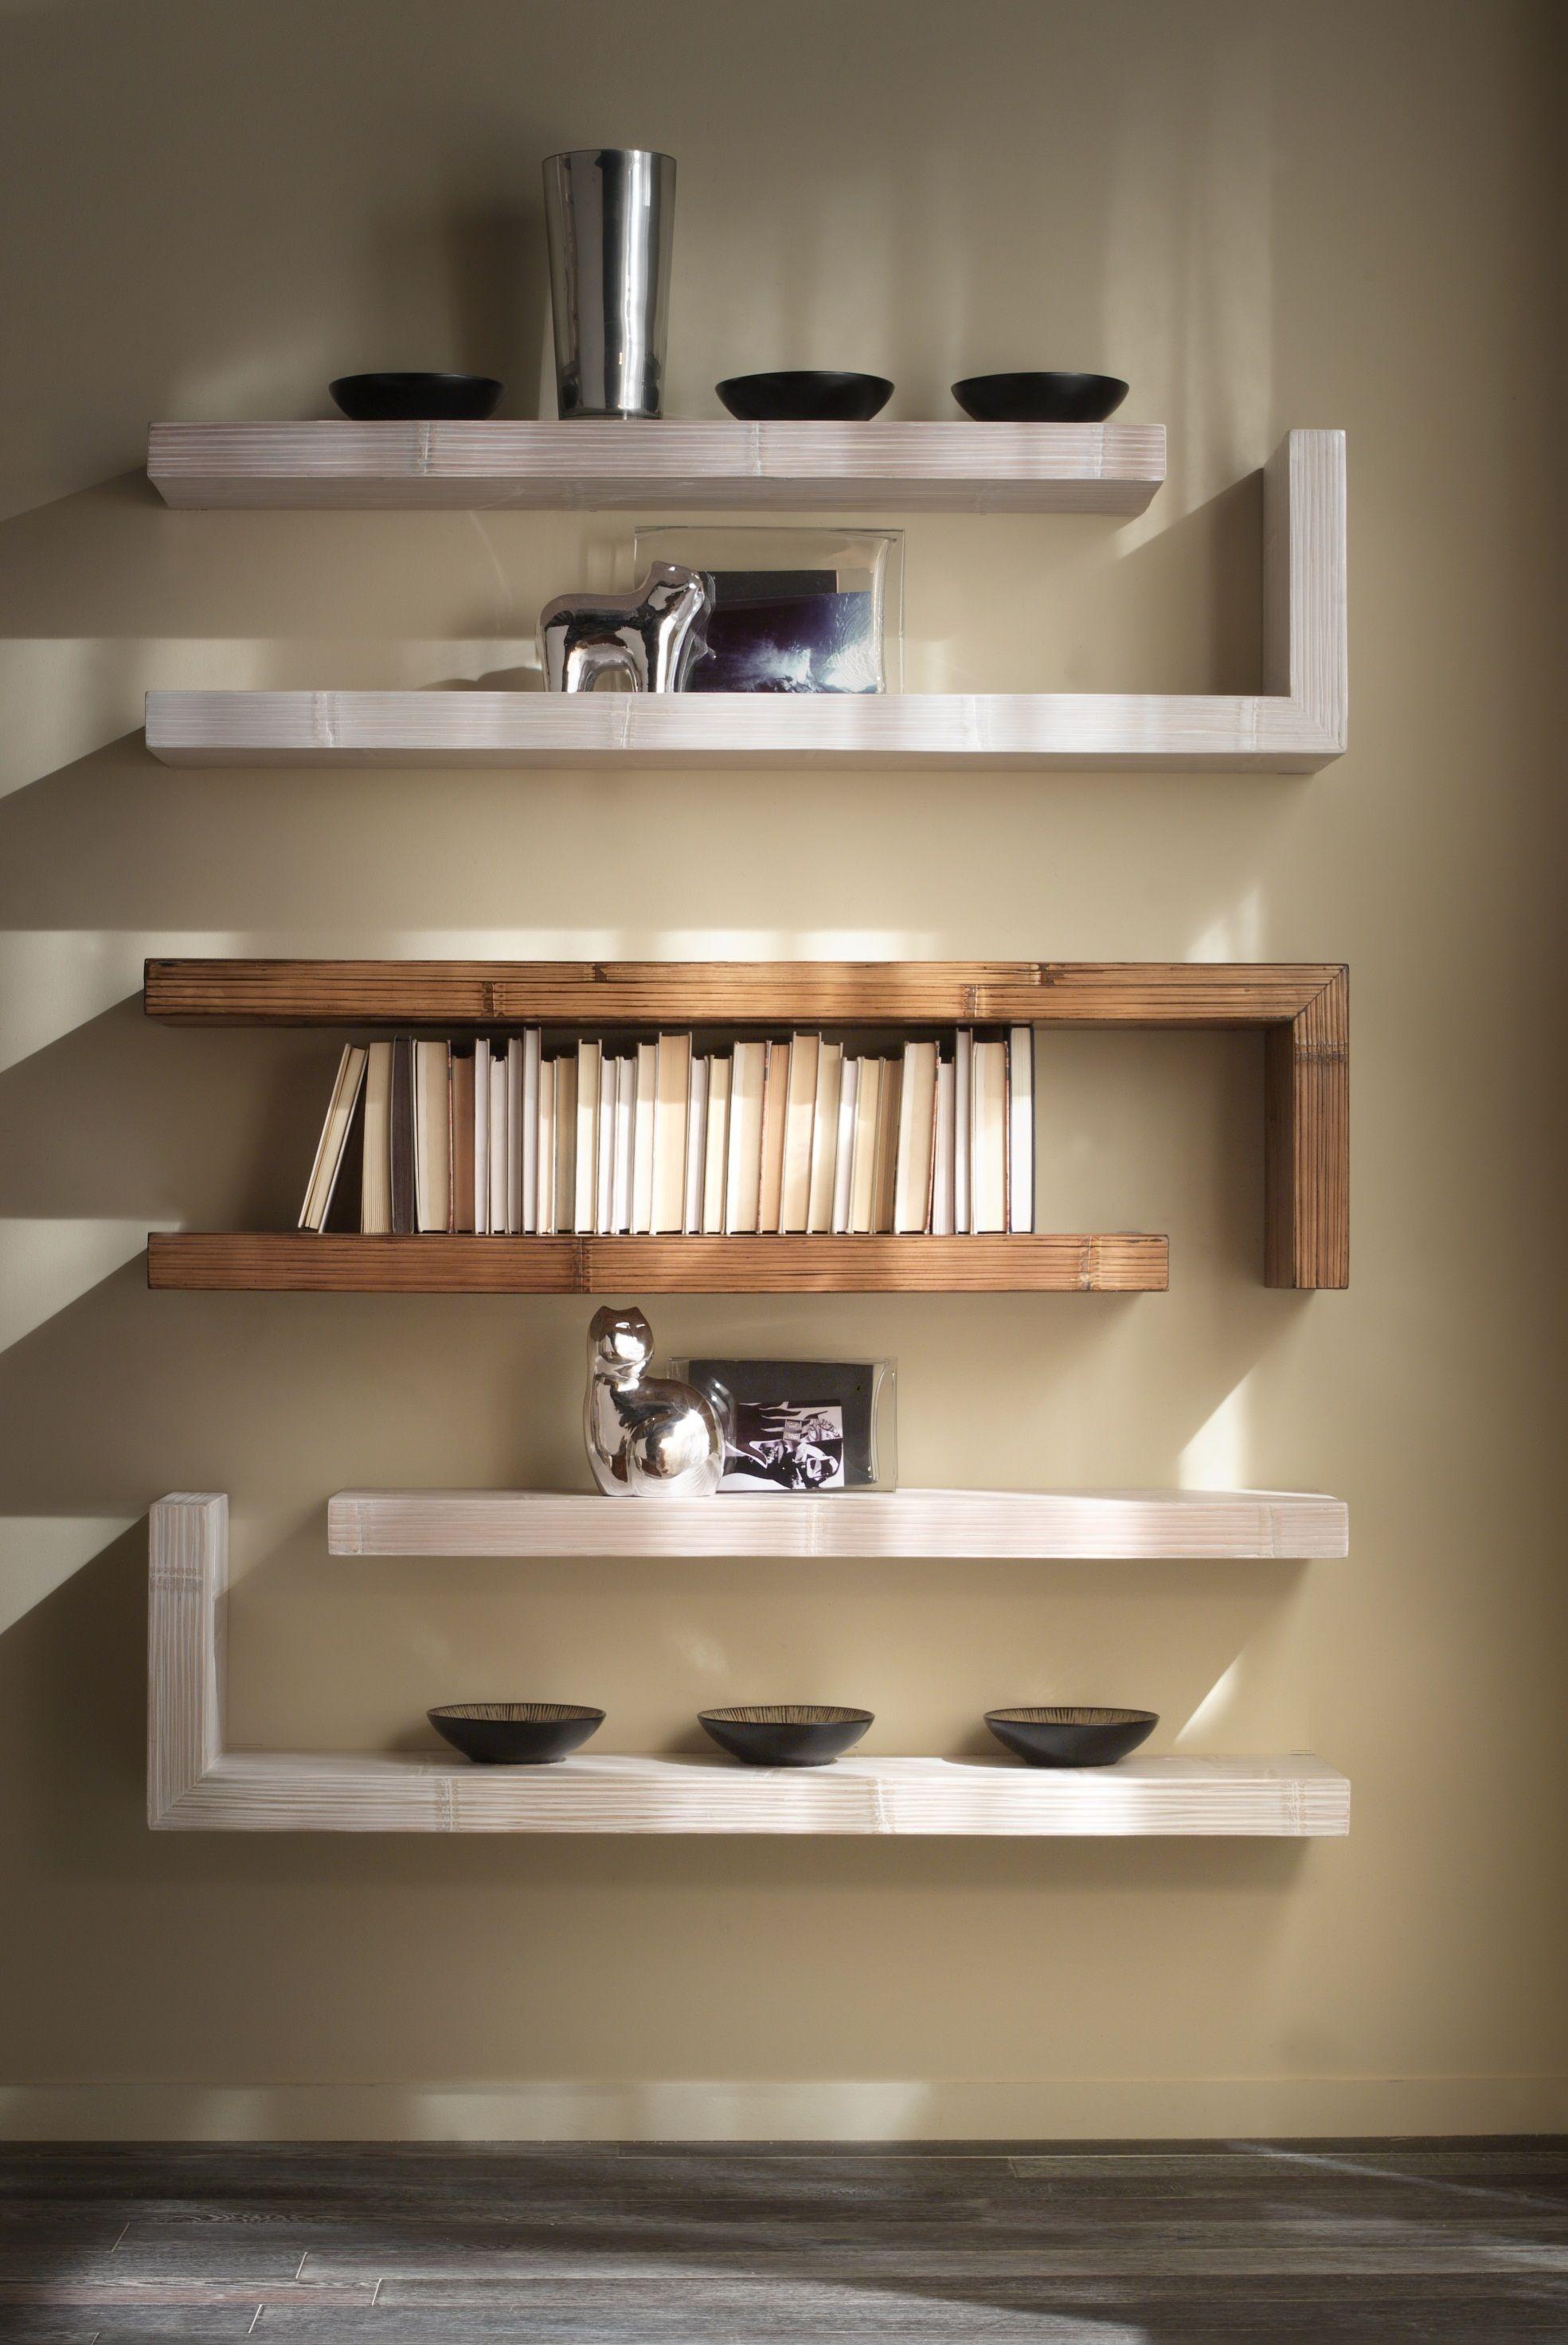 Ikea mensole ferro battuto ispirazione interior design for Mensole in ferro battuto